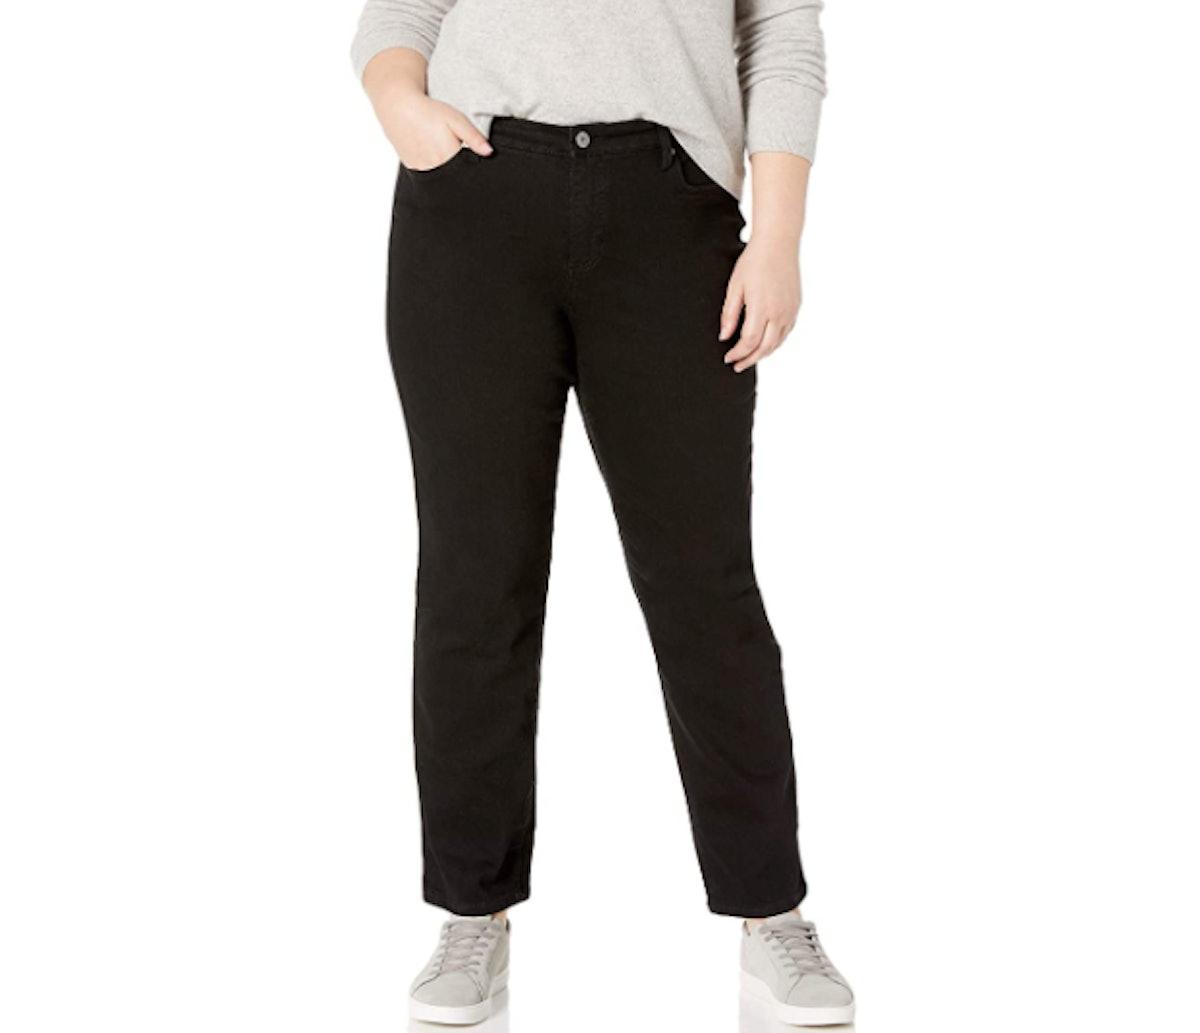 Bandolino Mandie Signature-Fit Jeans